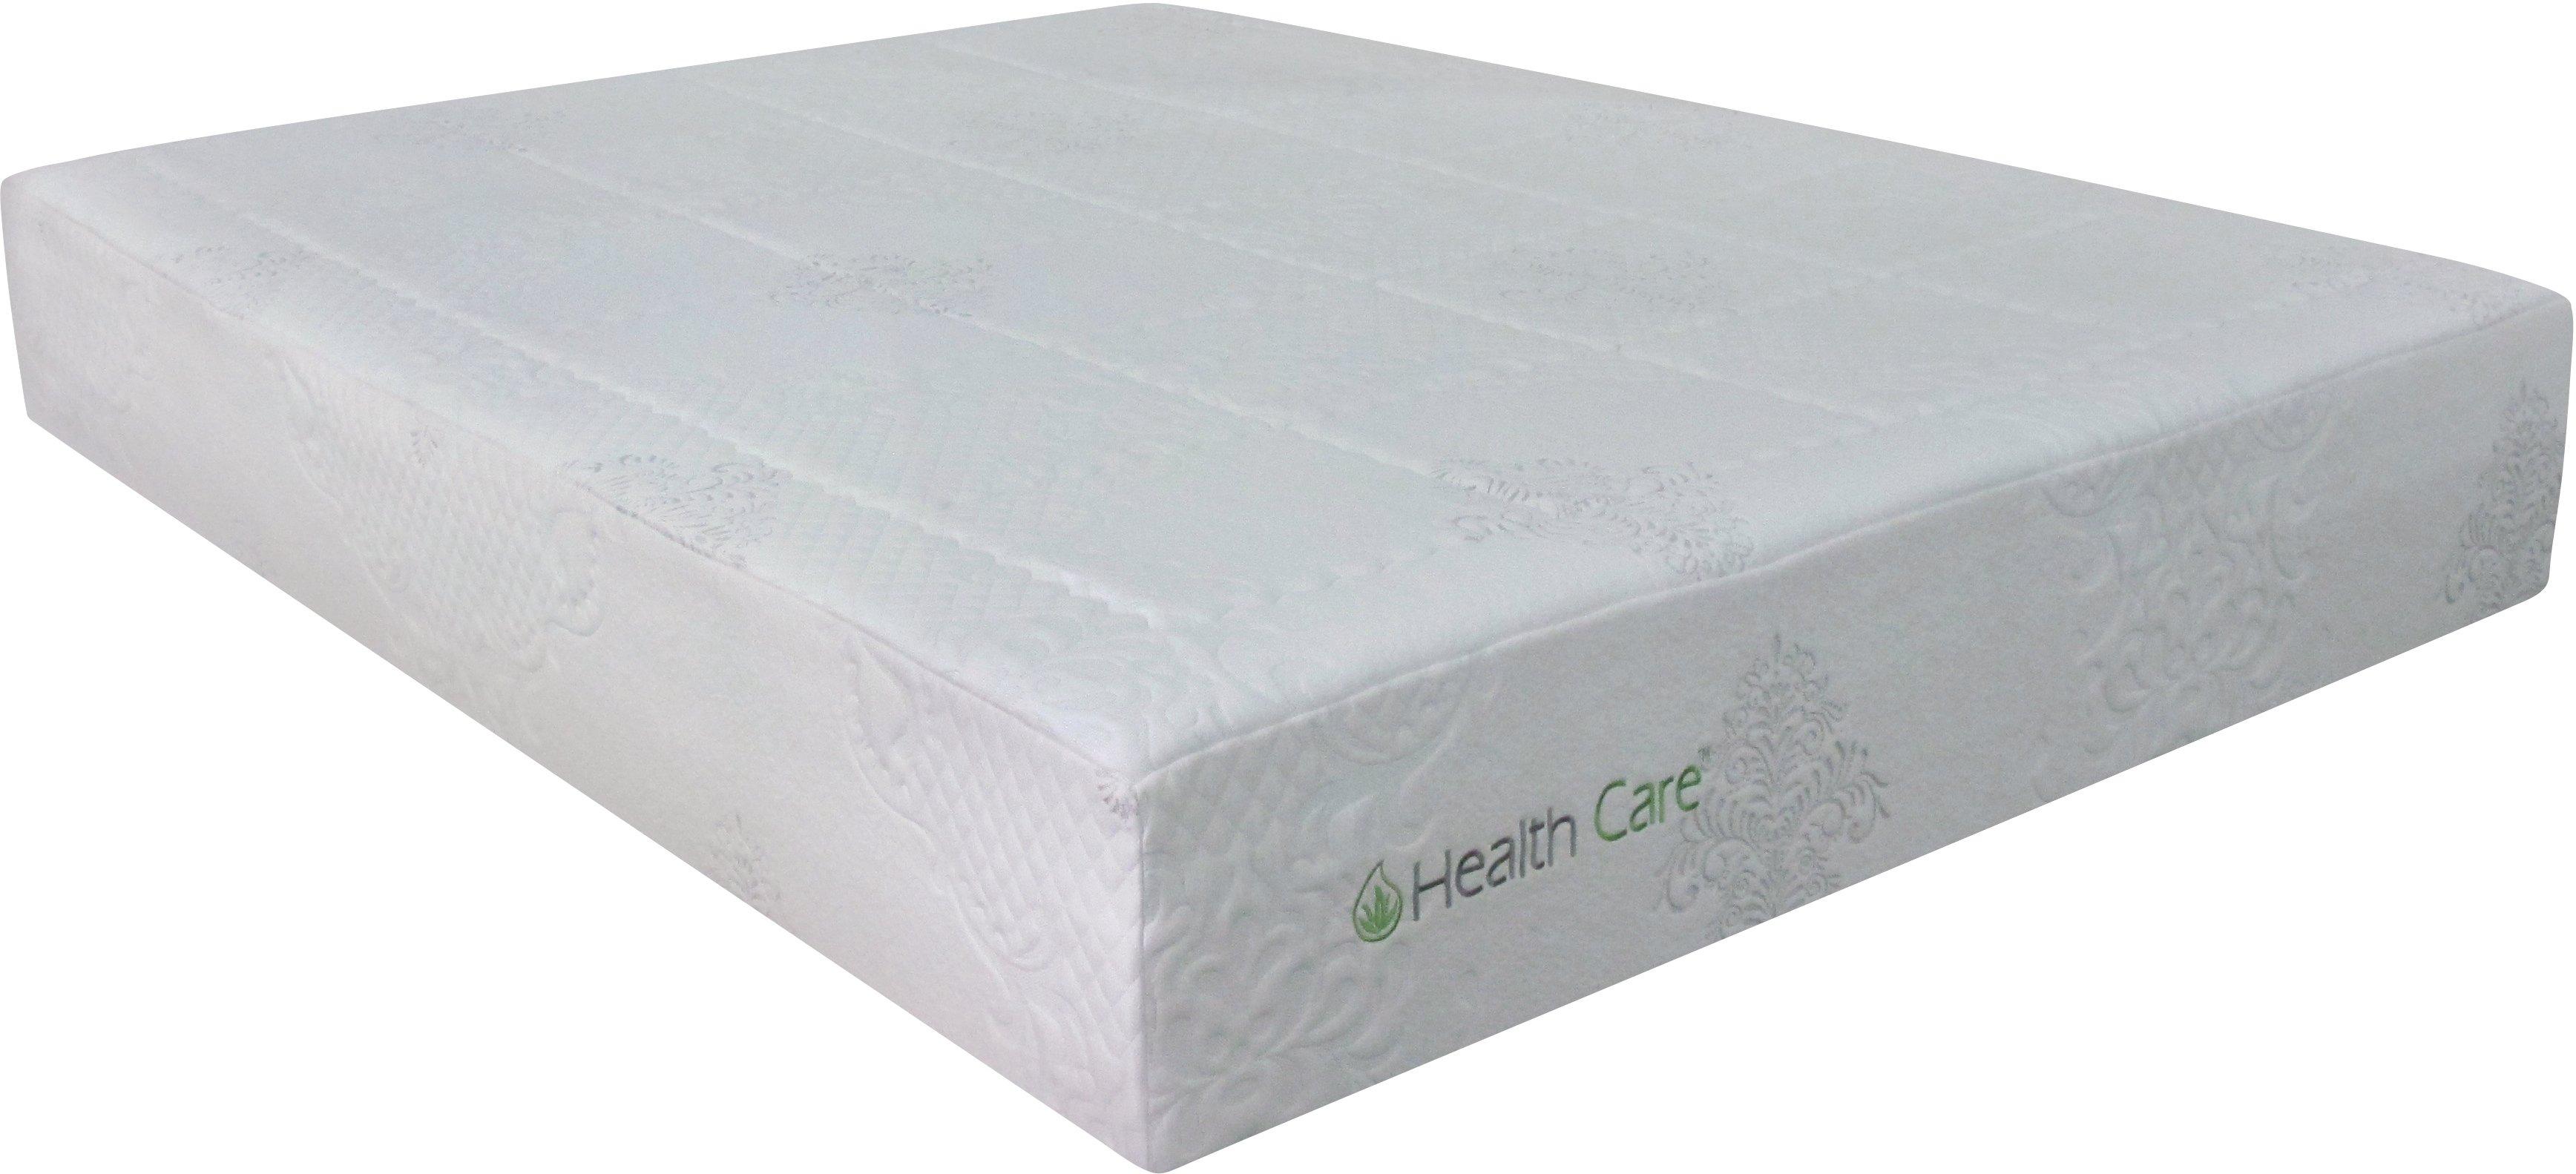 latex mattresses lane gel foam depot king memory in queen p home mattress the internet